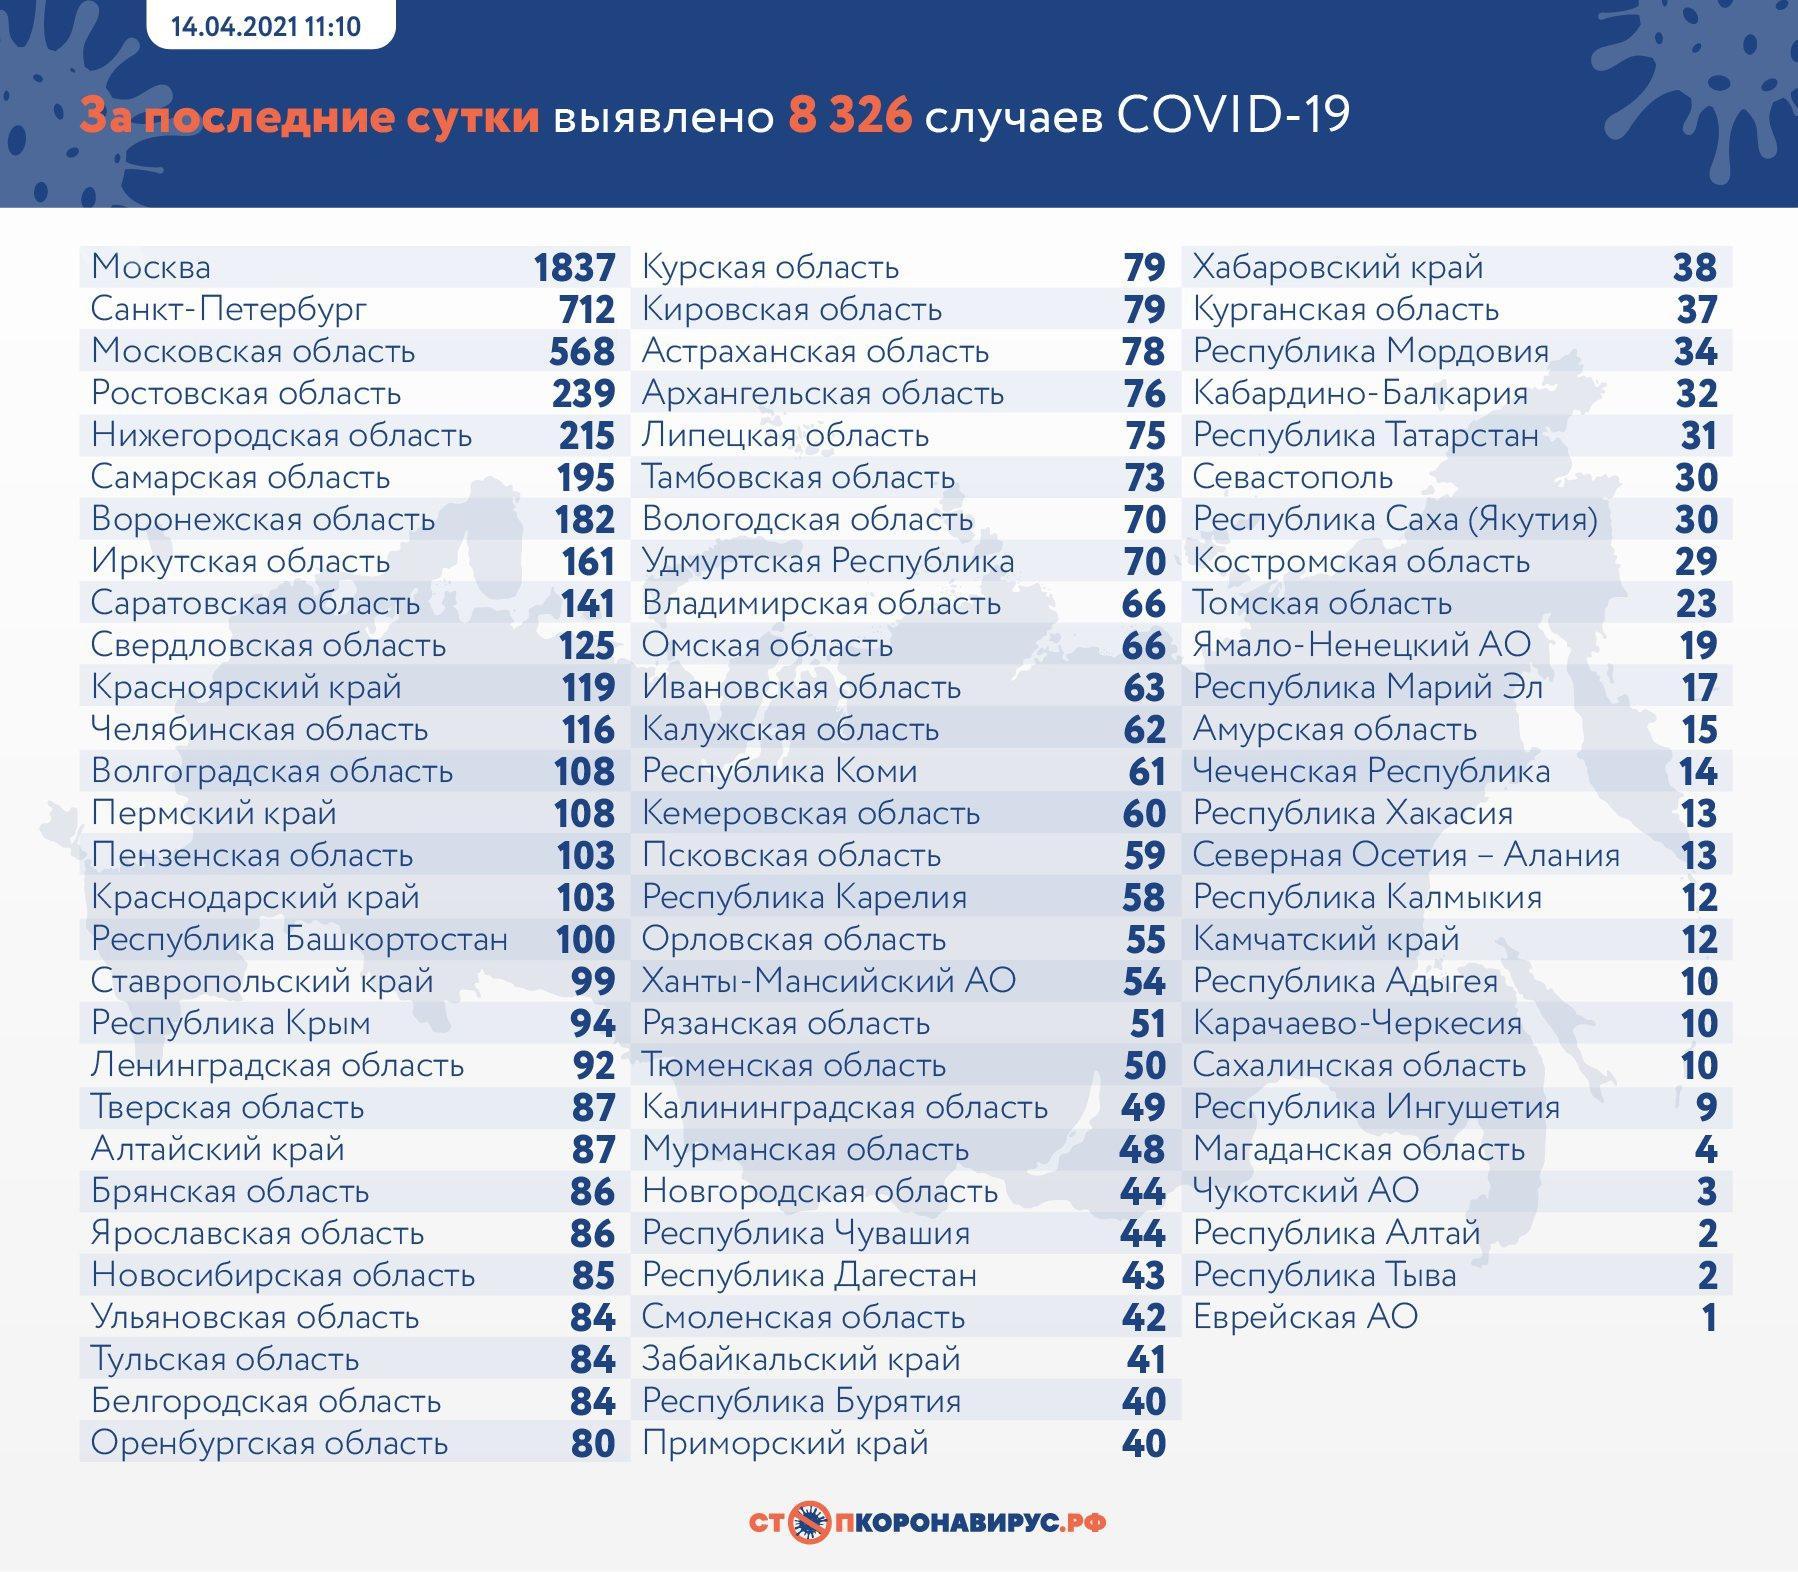 фото 104 тысячи человек умерли от коронавируса в России 2